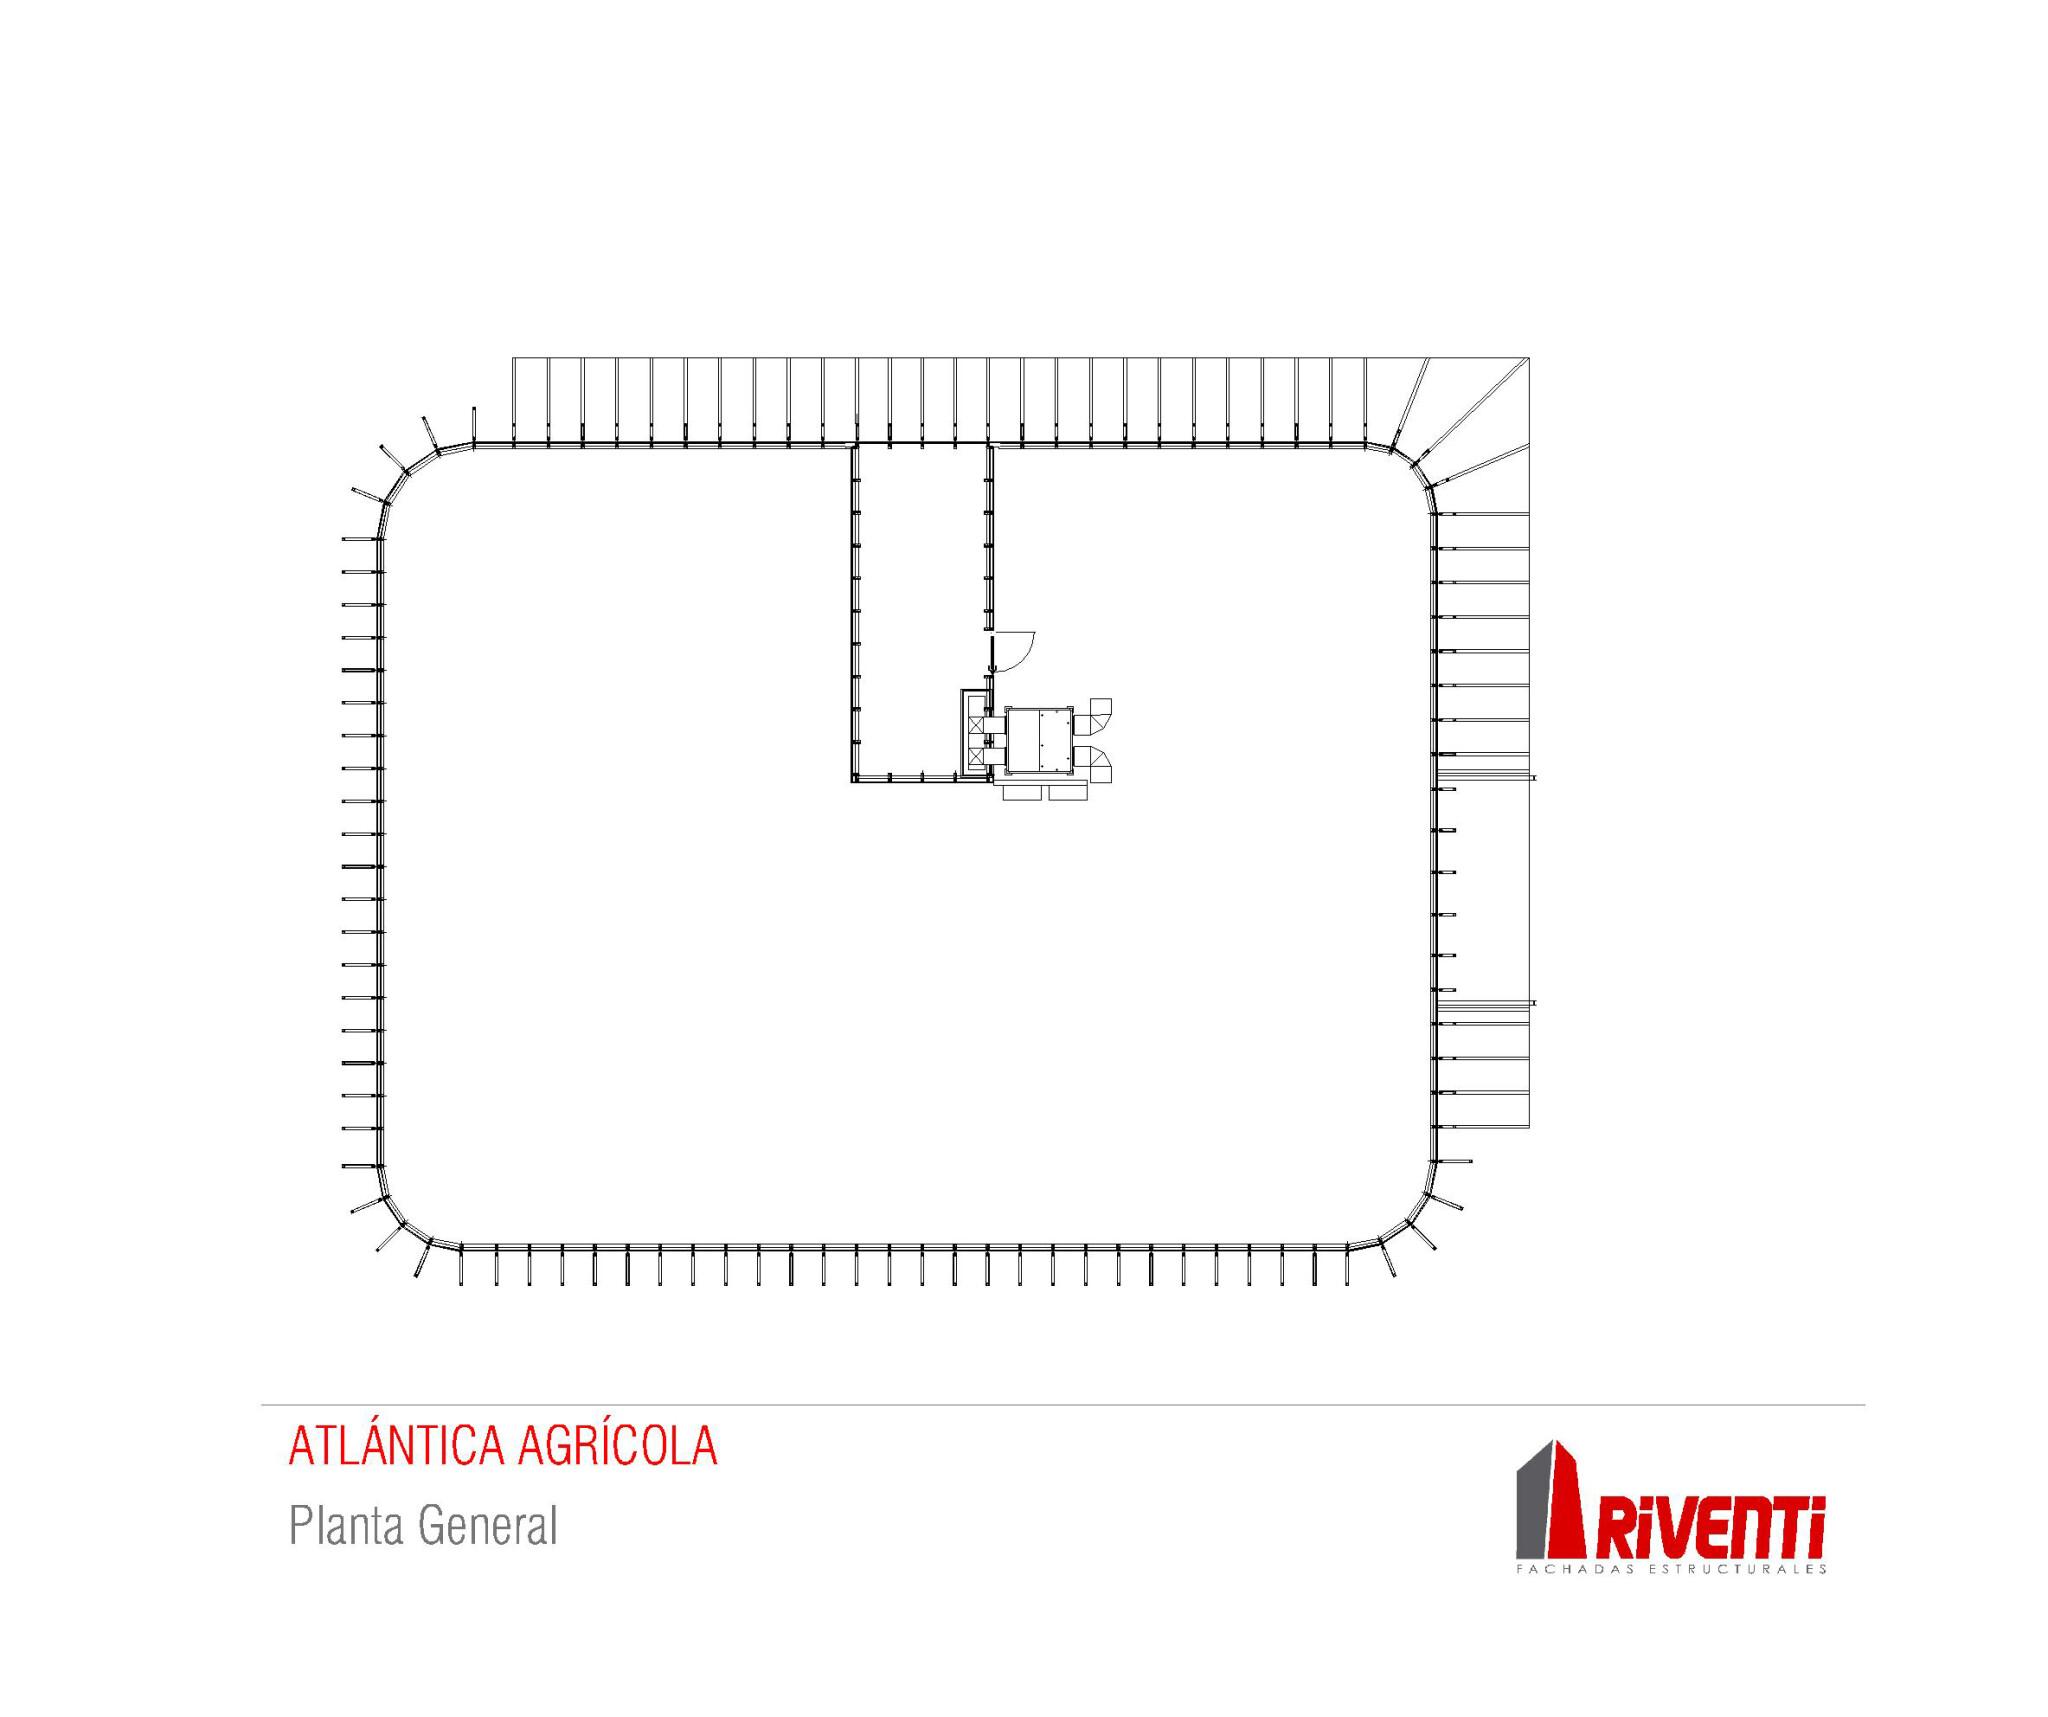 Fachada-atlantica-agricola_riventi-muro-cortina_detalle-constructivo (1)